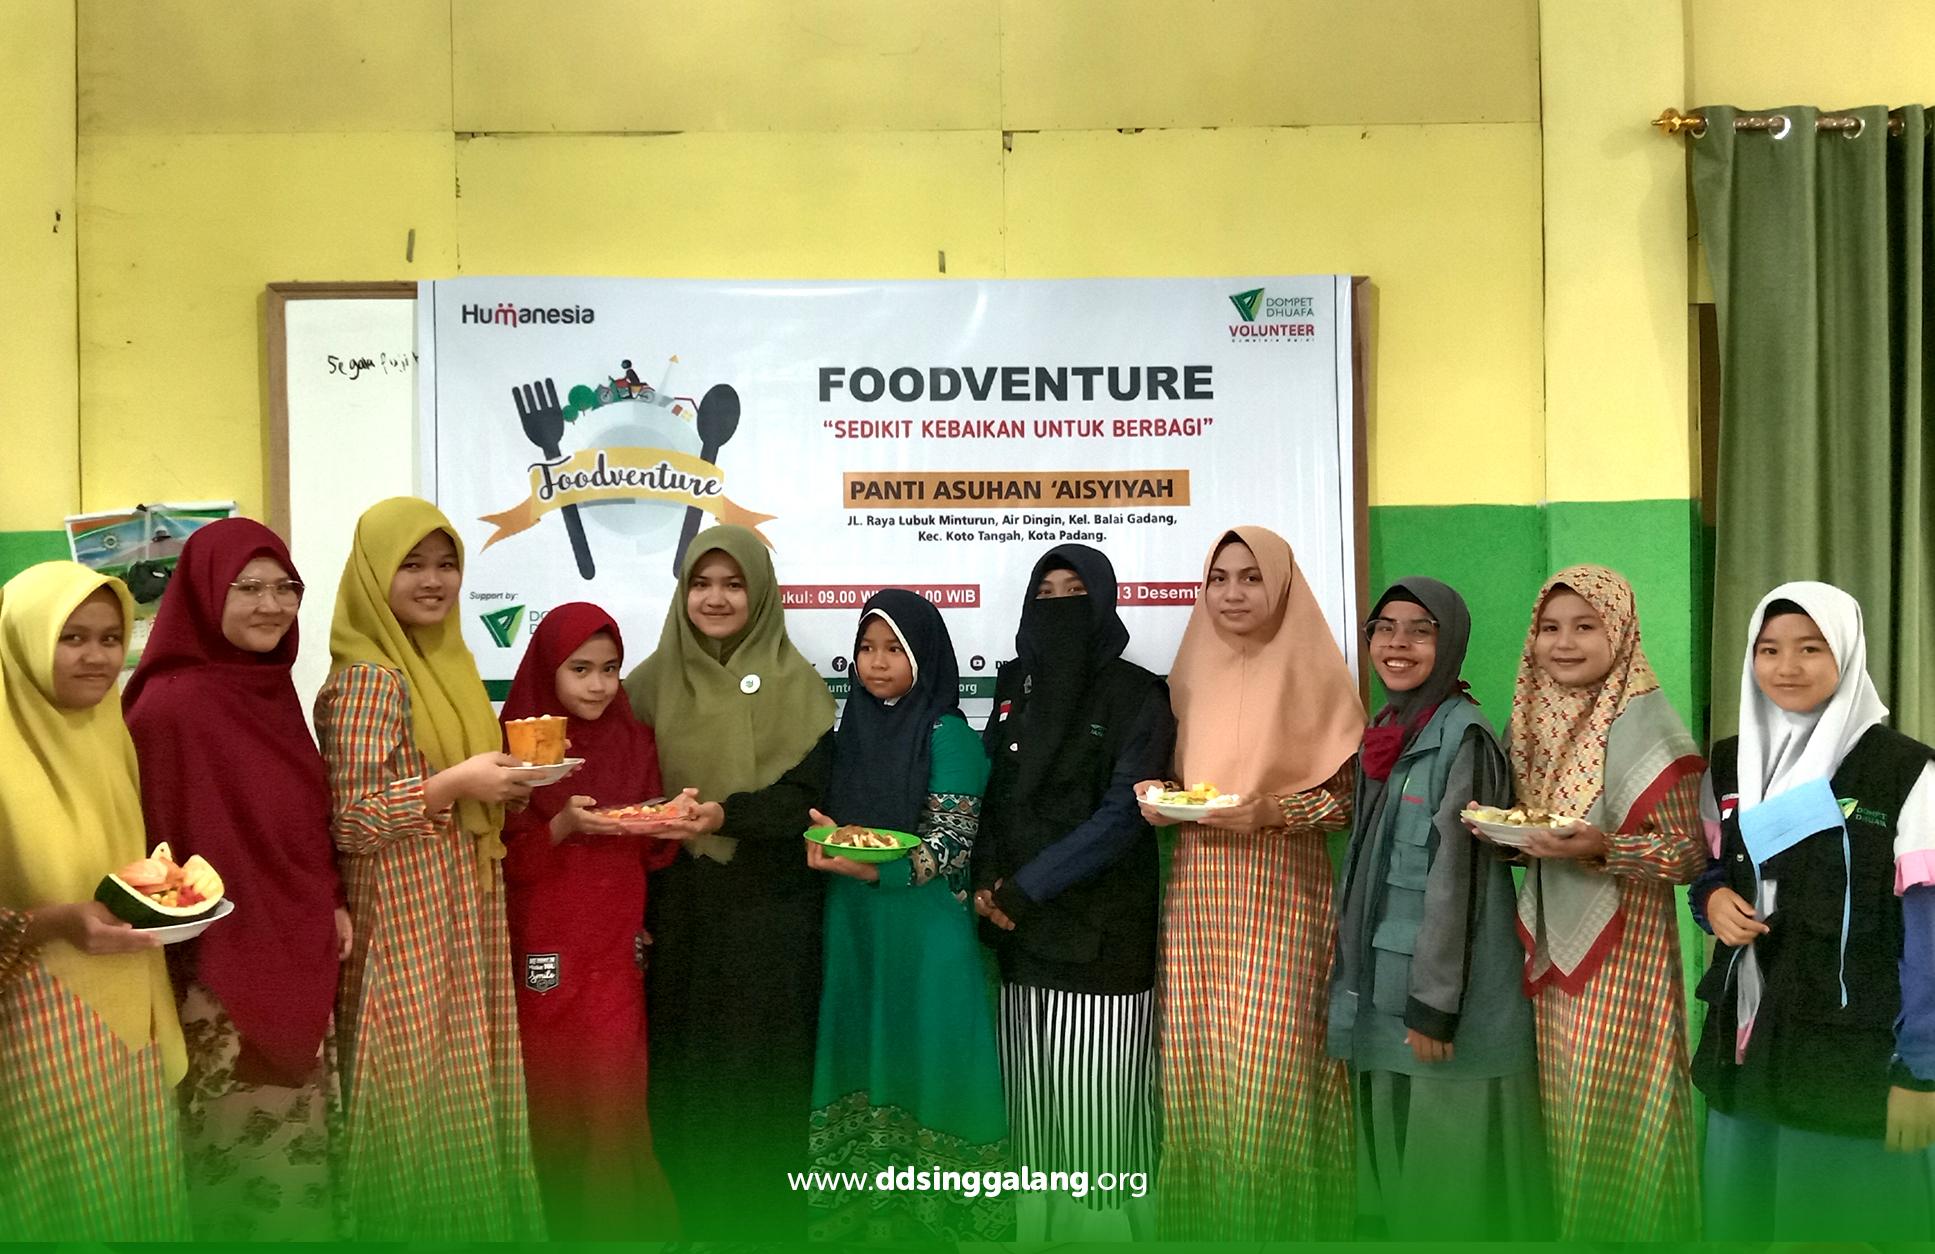 Memperingati Internasional Volunteer Day 2020, DDV Sumbar Selenggarakan Foodventure di Panti 'Asyiyah Padang